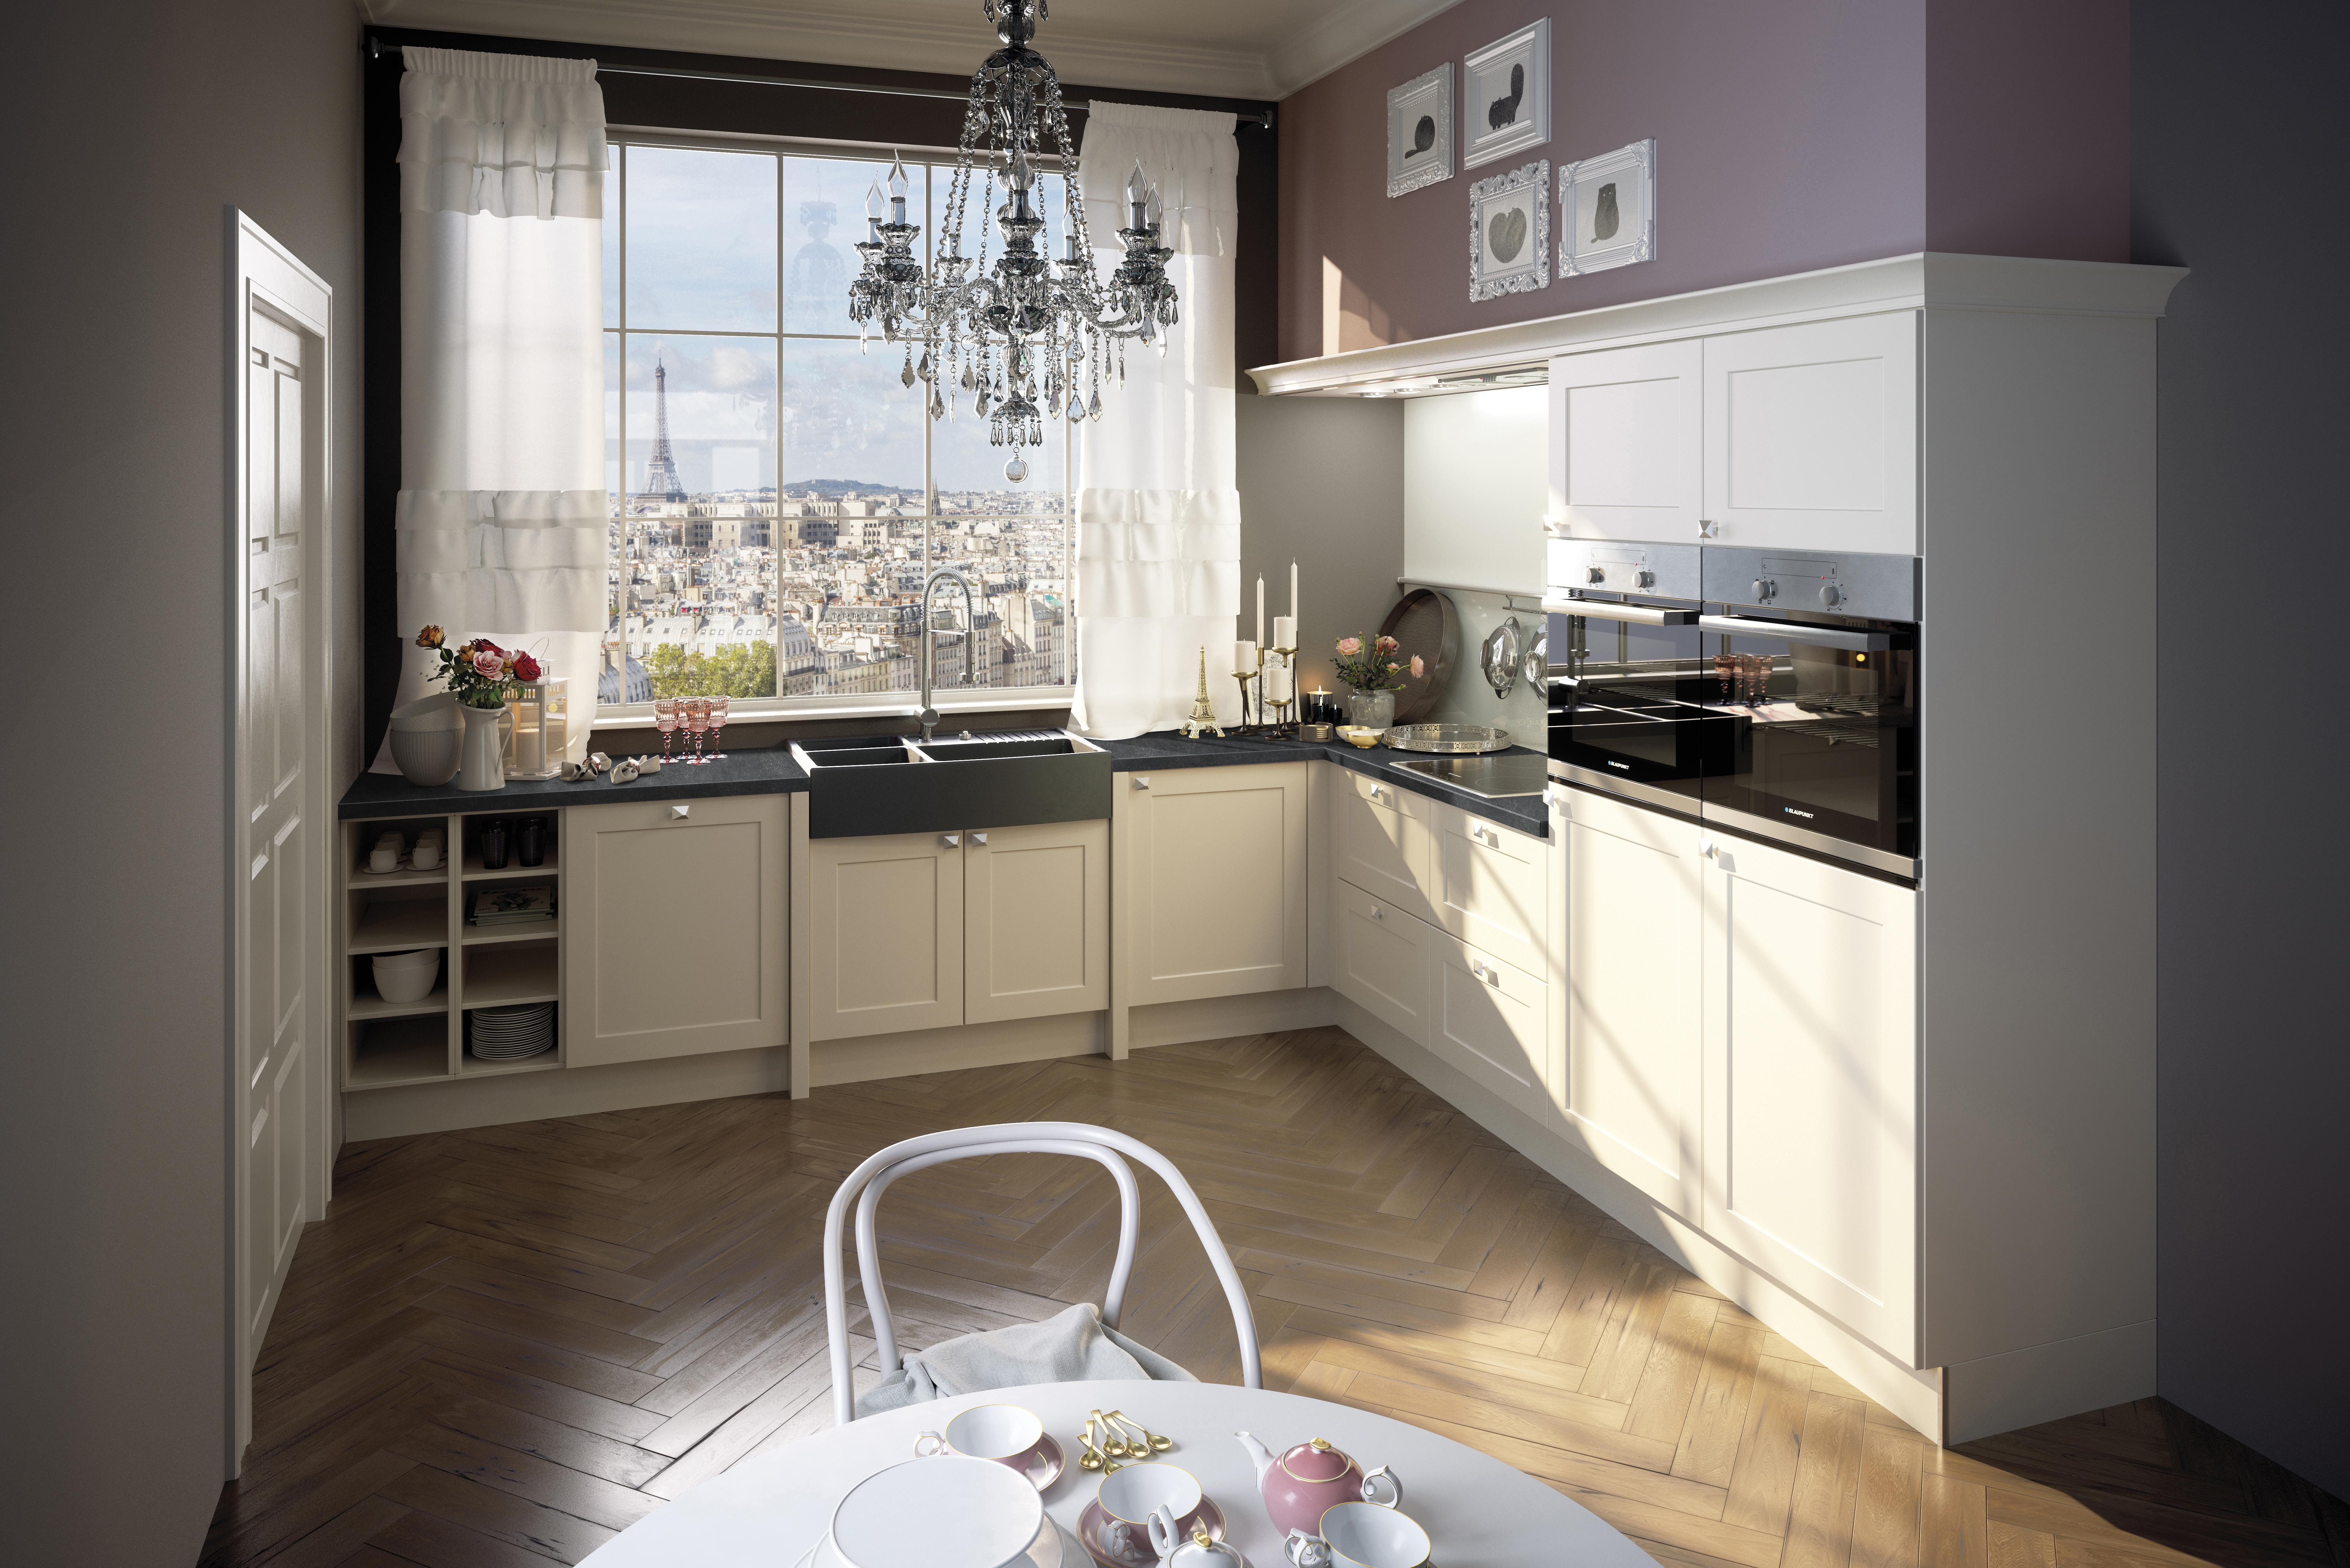 Beigefarbene Küchen - Küchentrends in Beige - Küche&Co